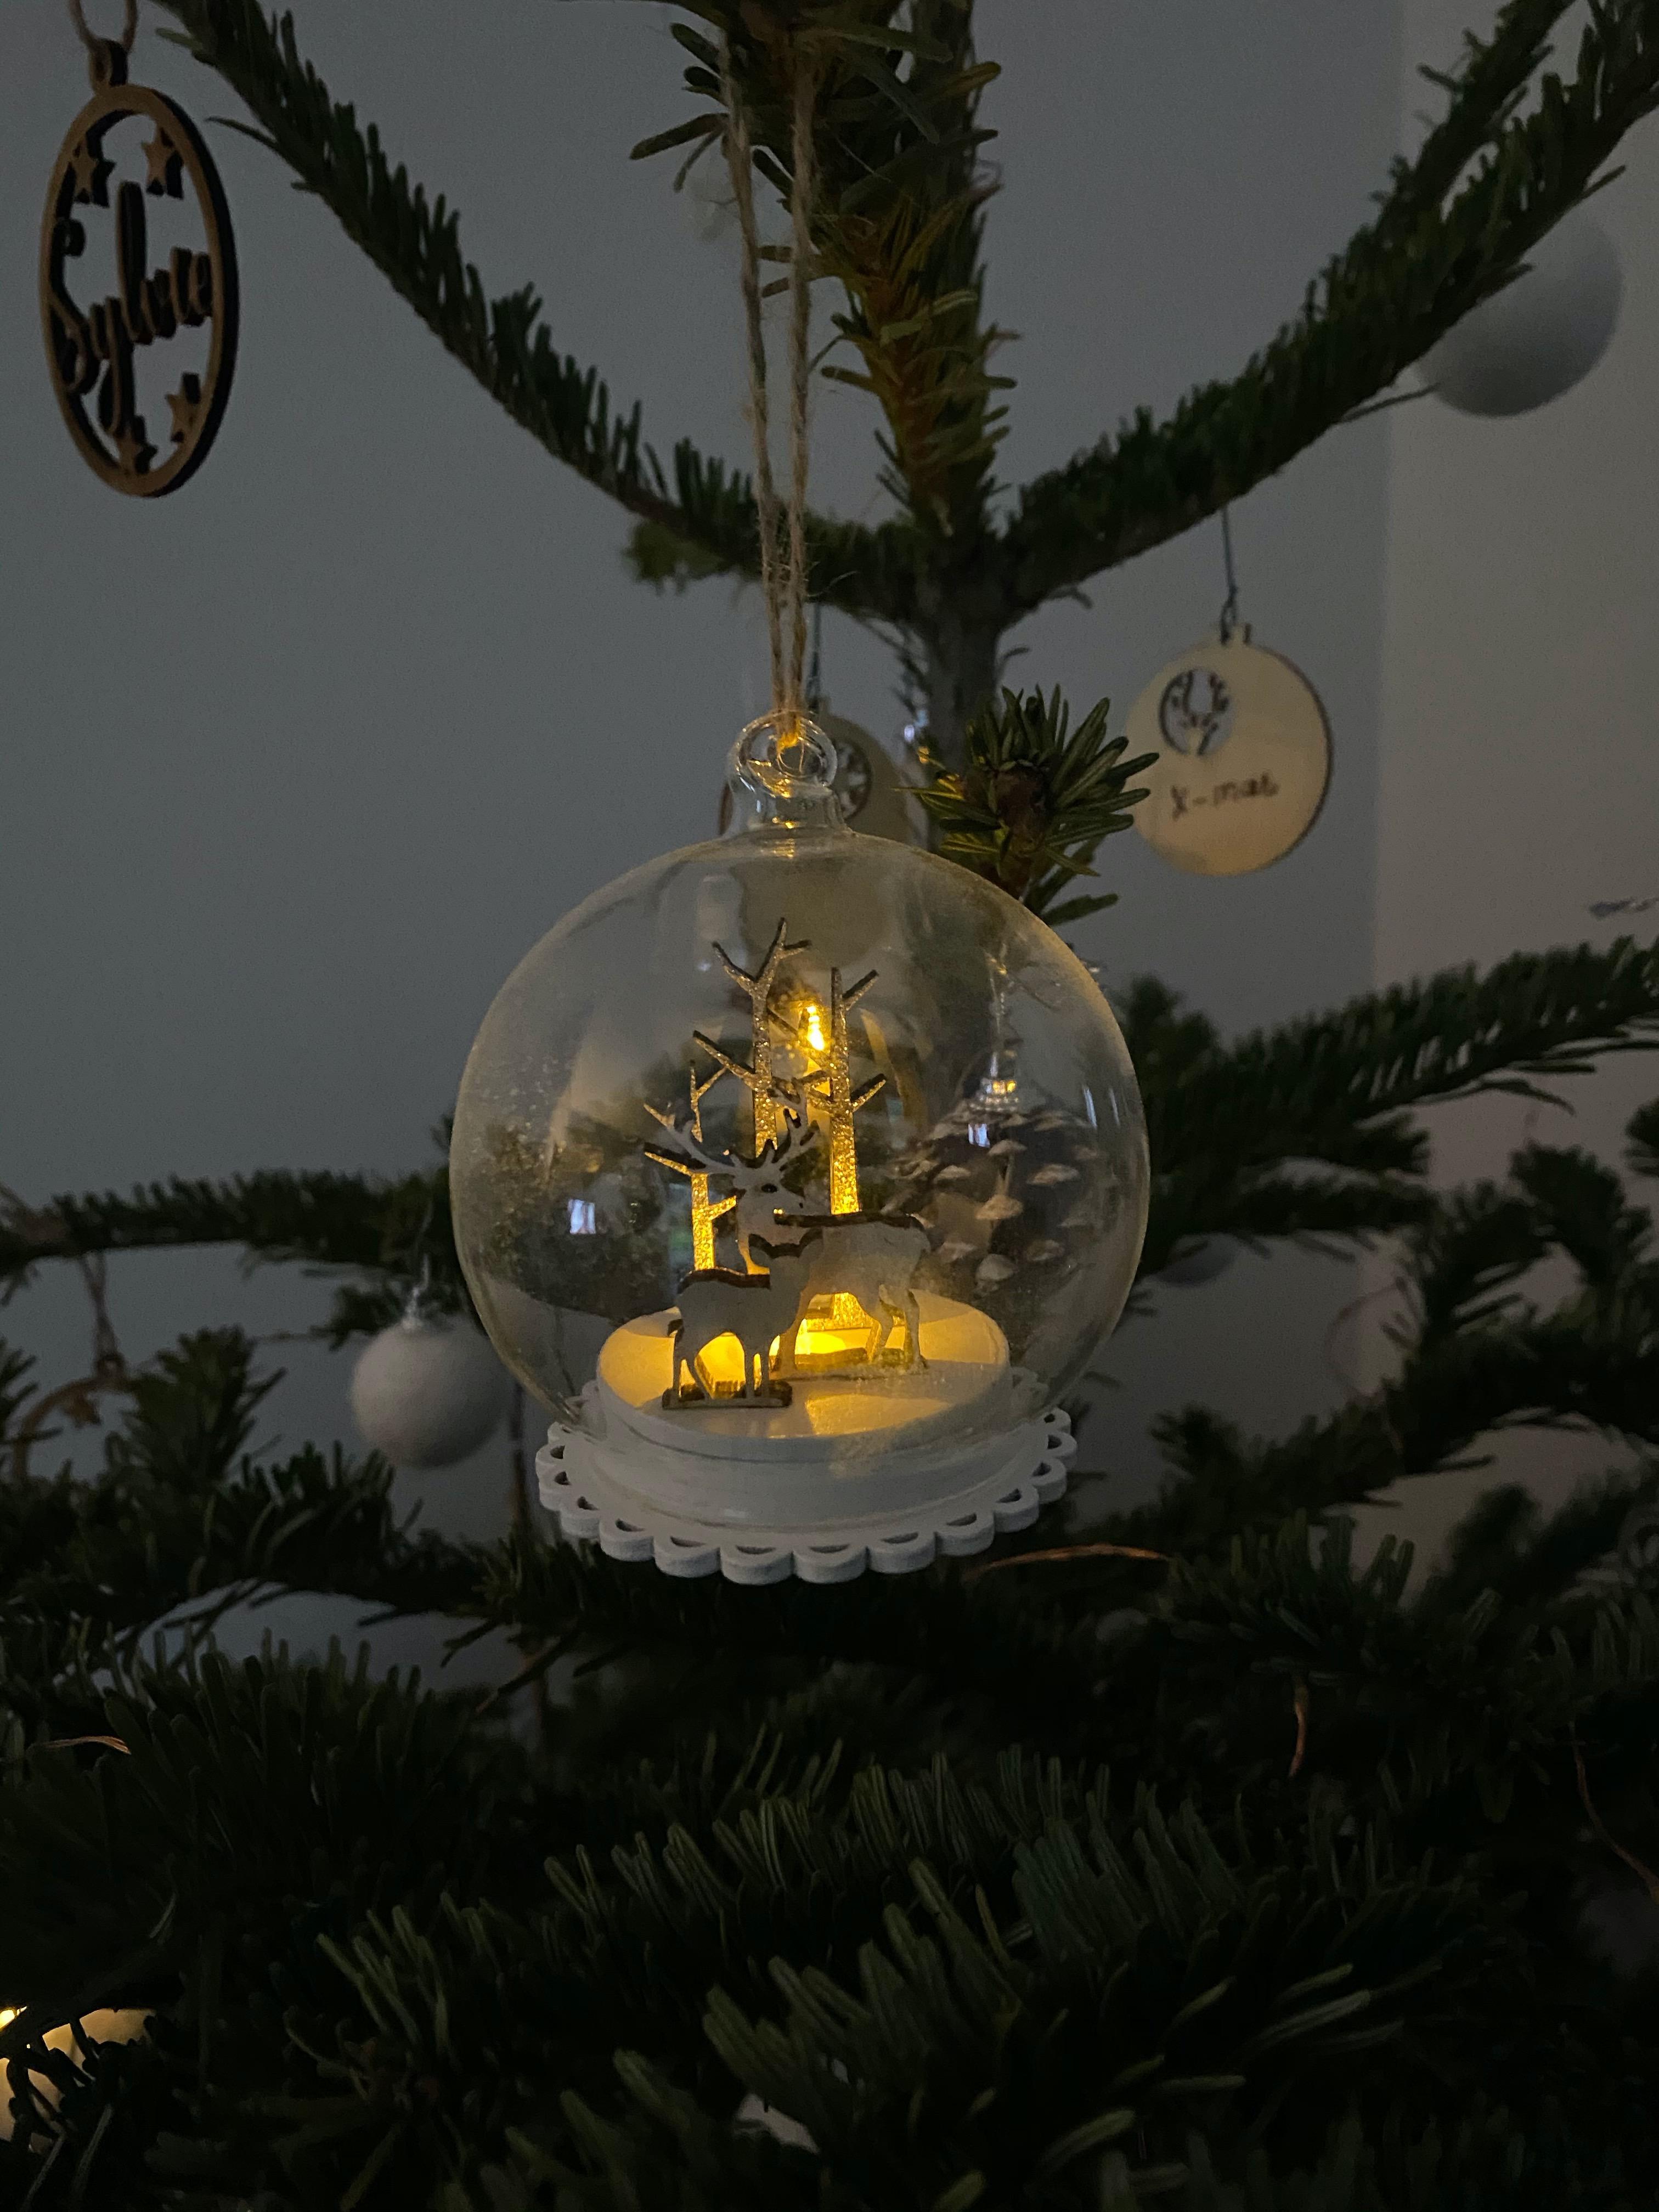 J'ai testé pour vous décoration de Noël suspension boule verre Led hiver argent d8cm